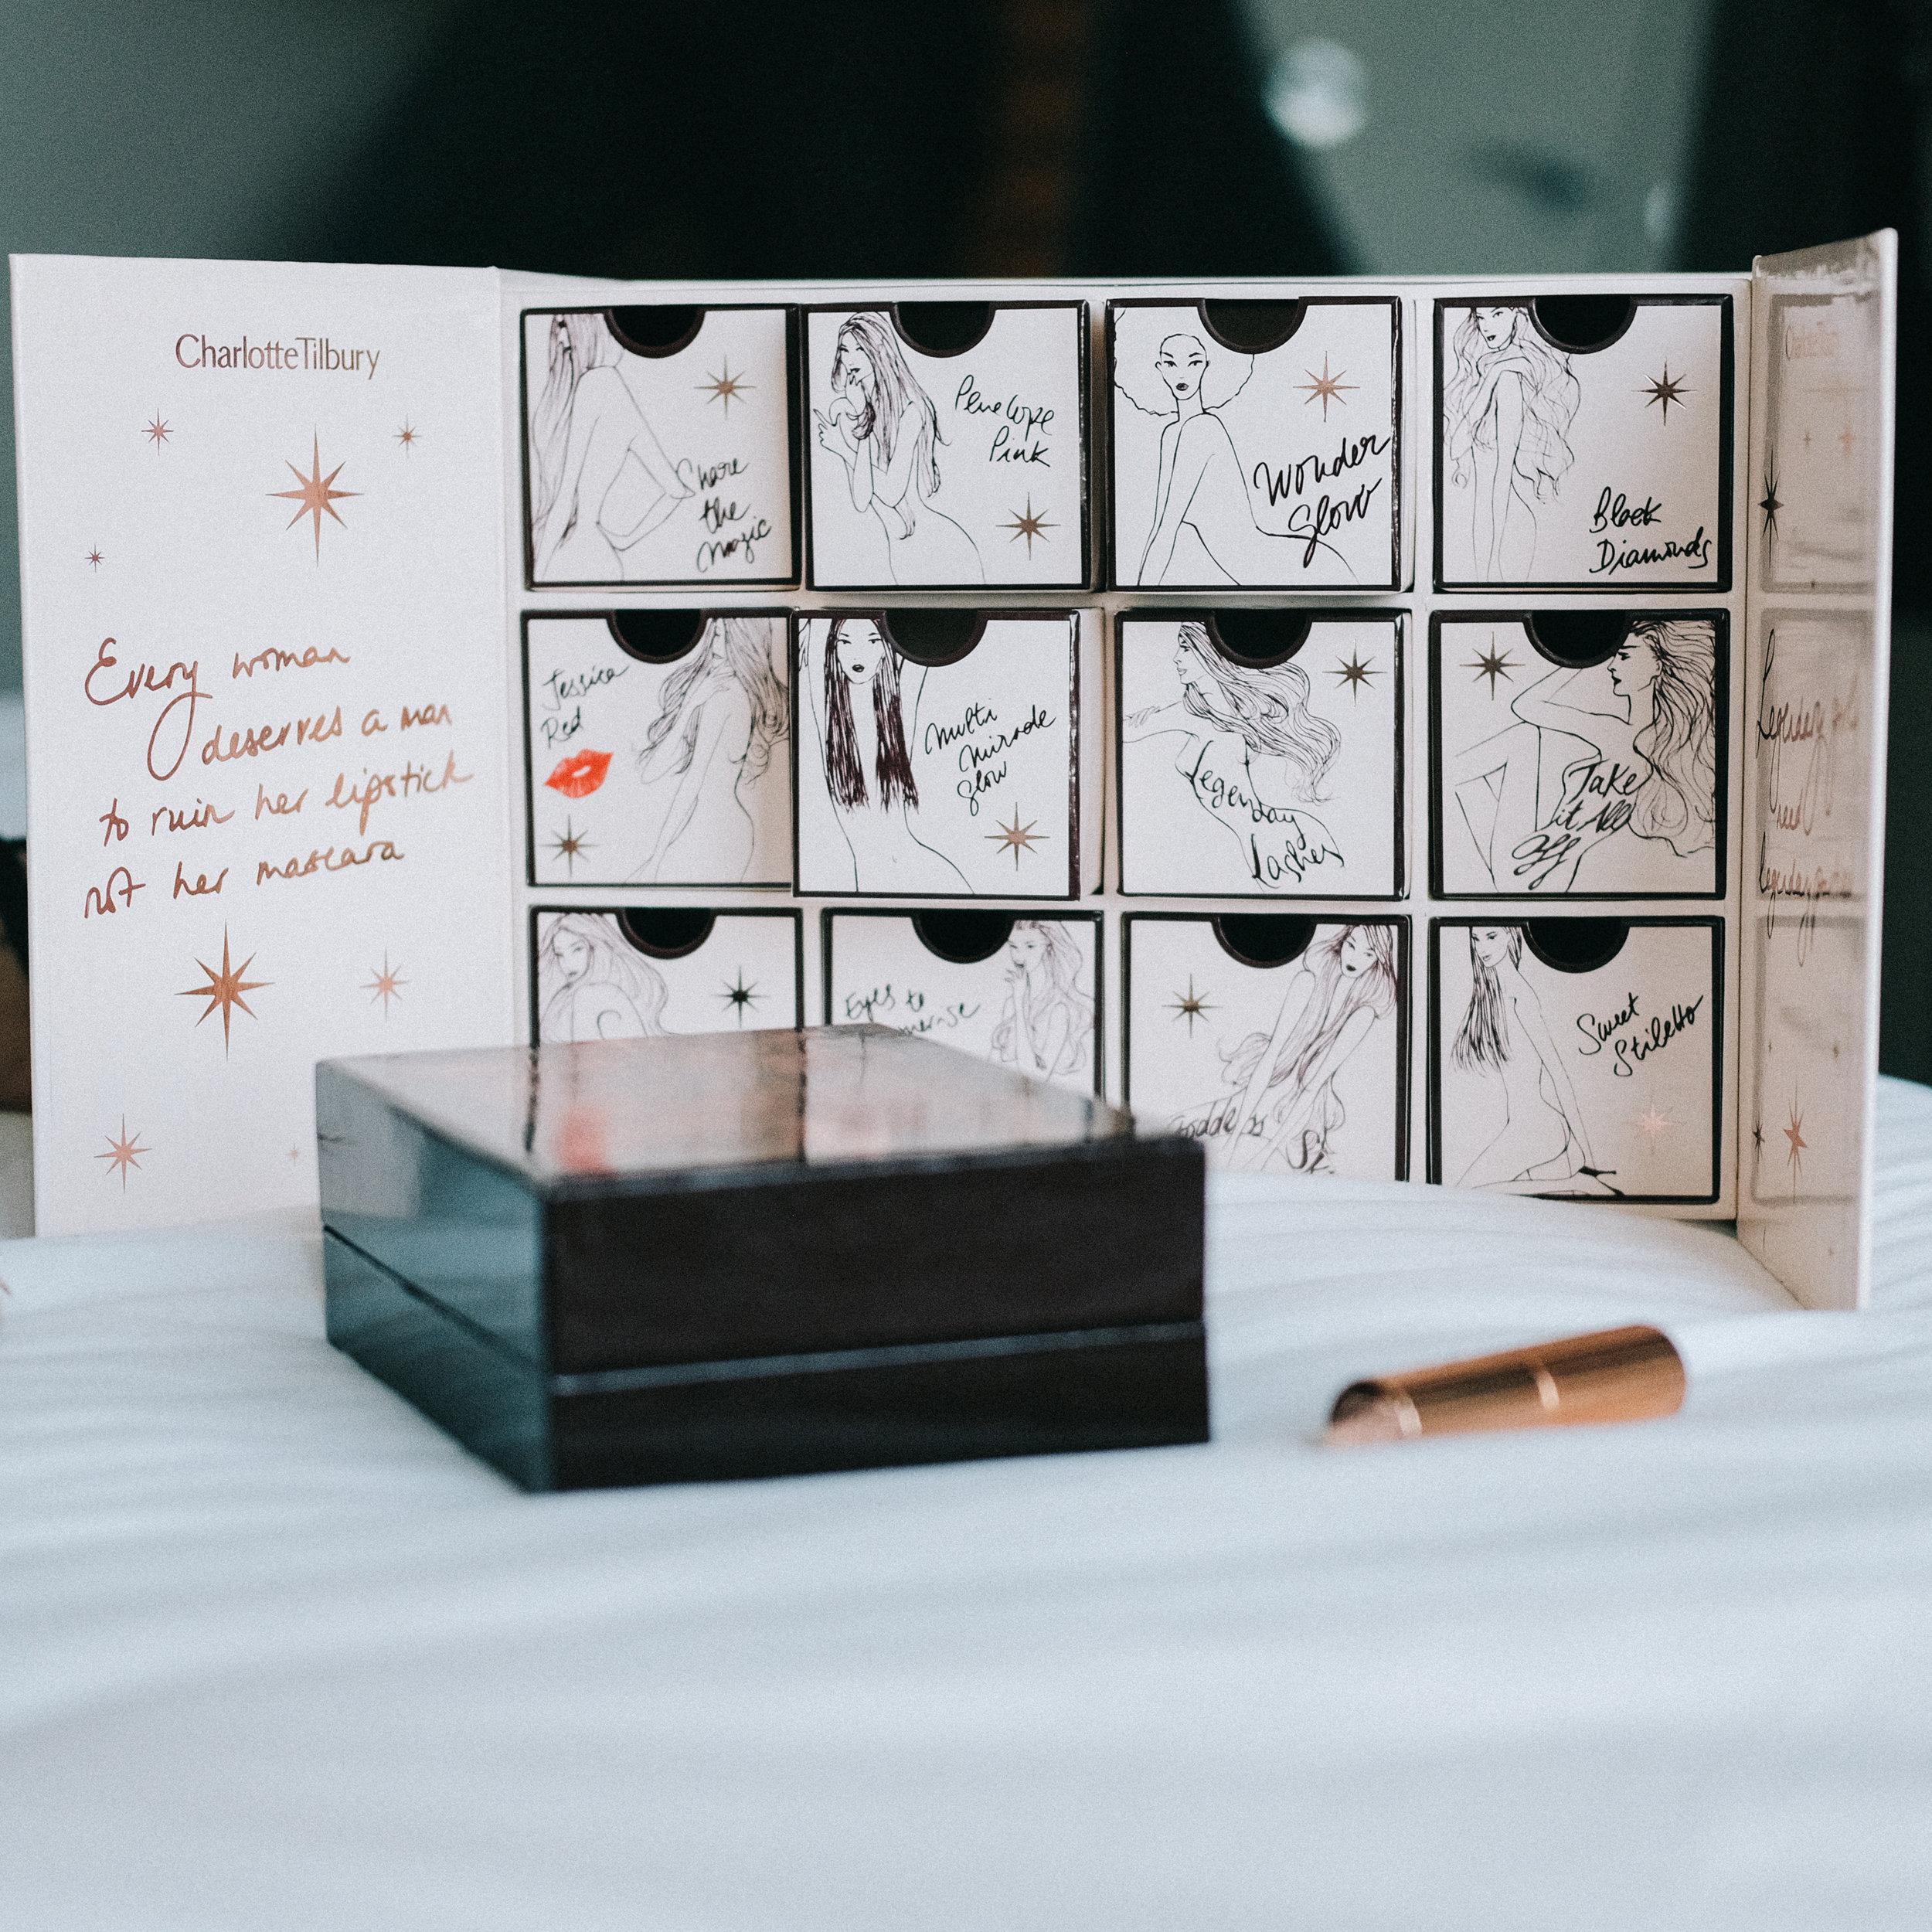 charlotte_tilbury_gift_Set